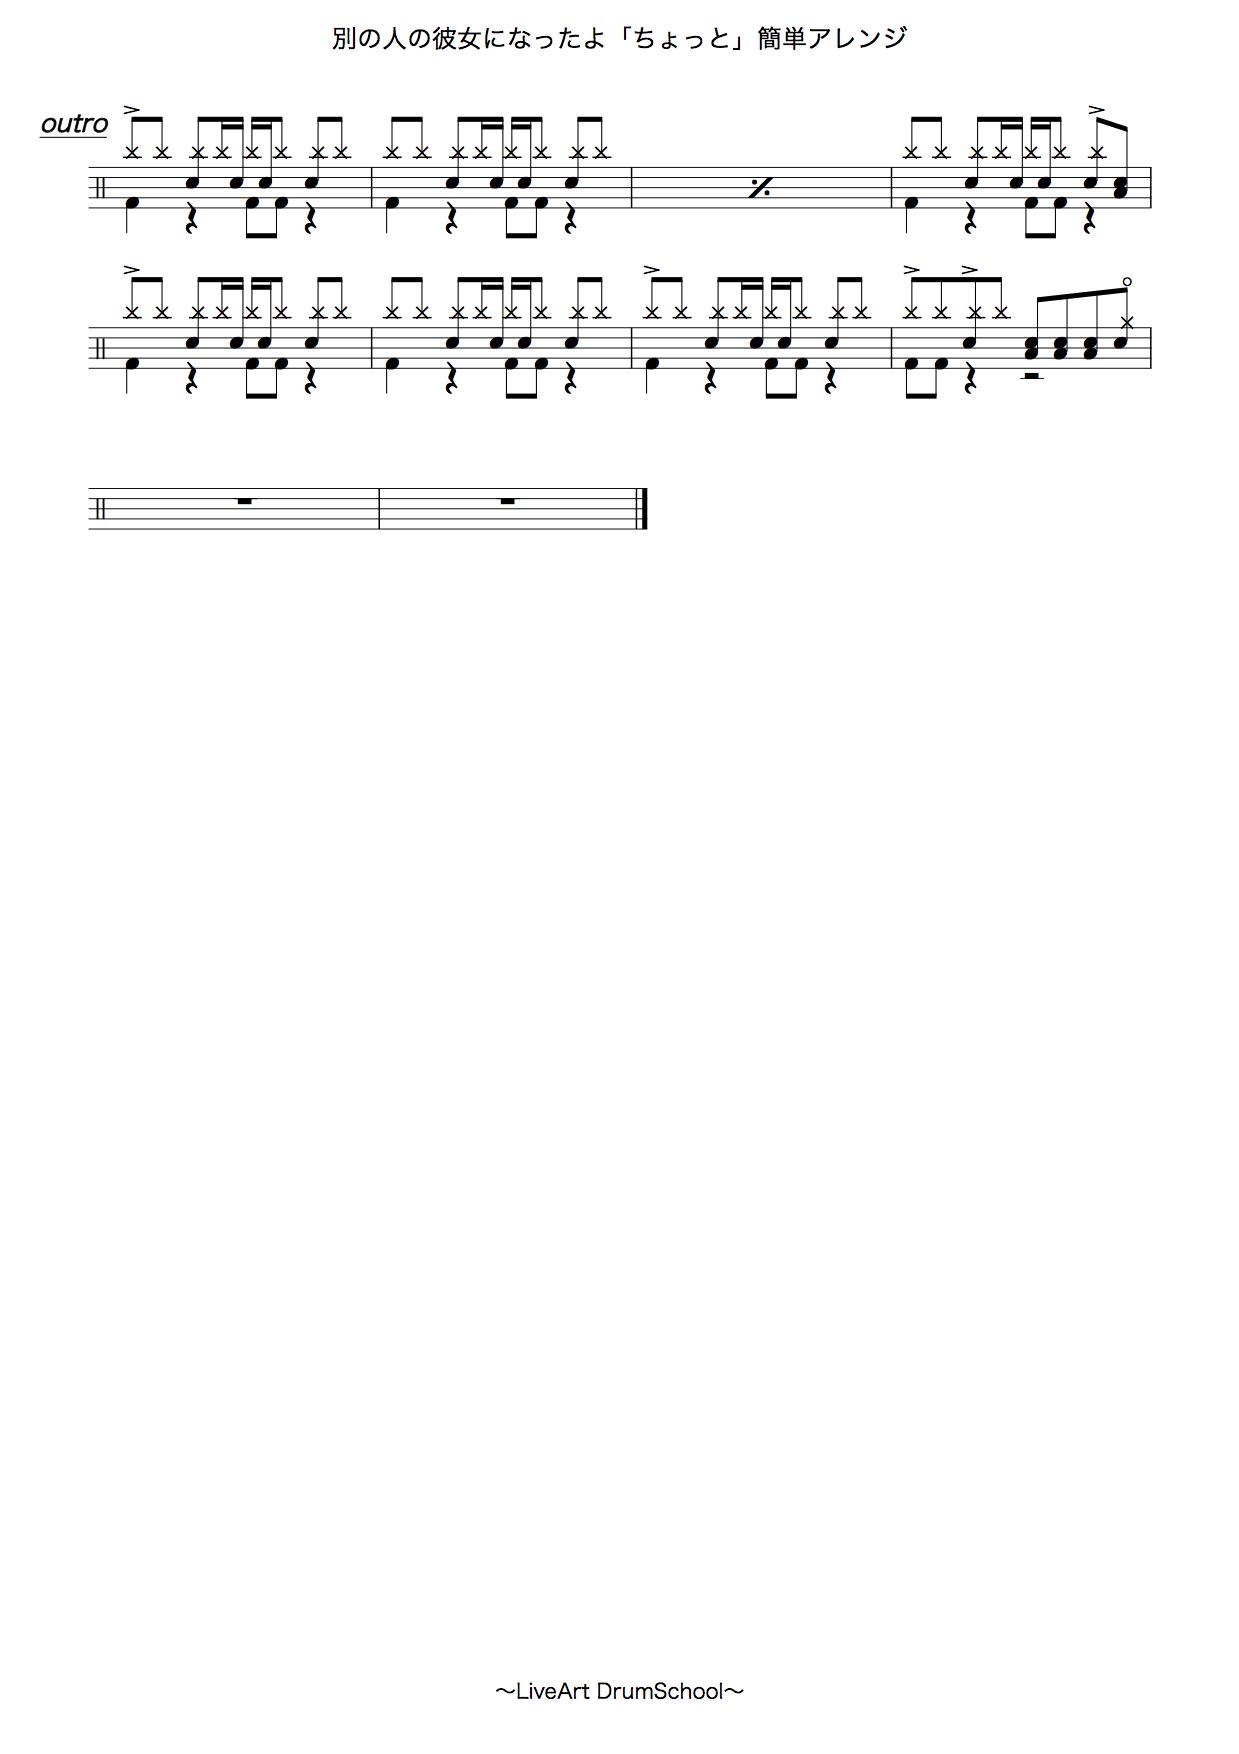 別の人の彼女になったよ・「ちょっと」簡単ドラム譜面3